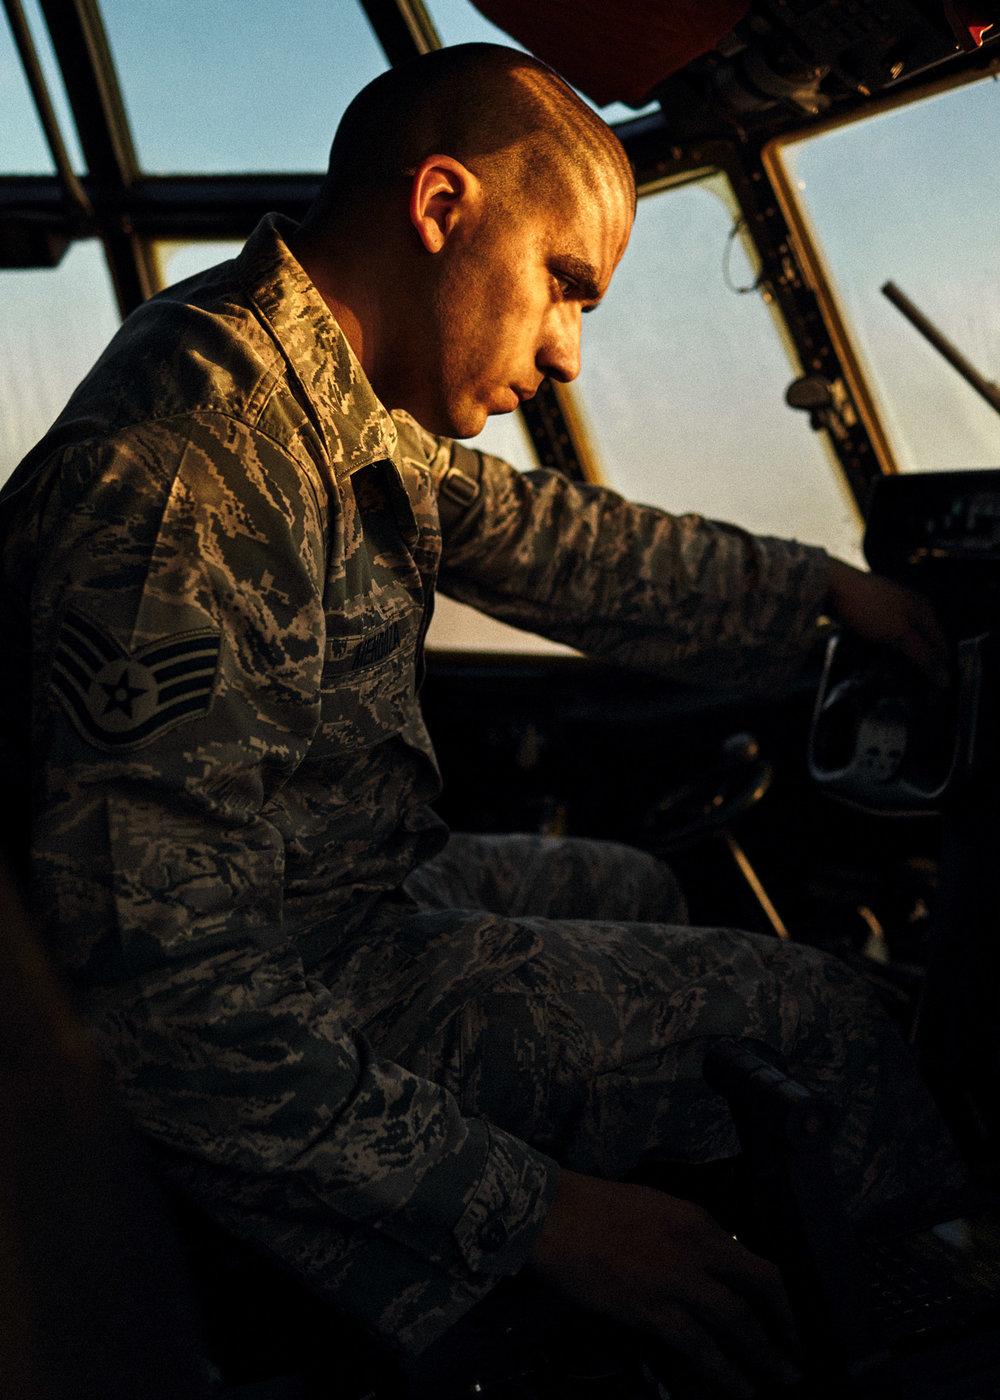 jeff-allen-web-120205_saul-mendoza_0067-c17-cockpit.jpg